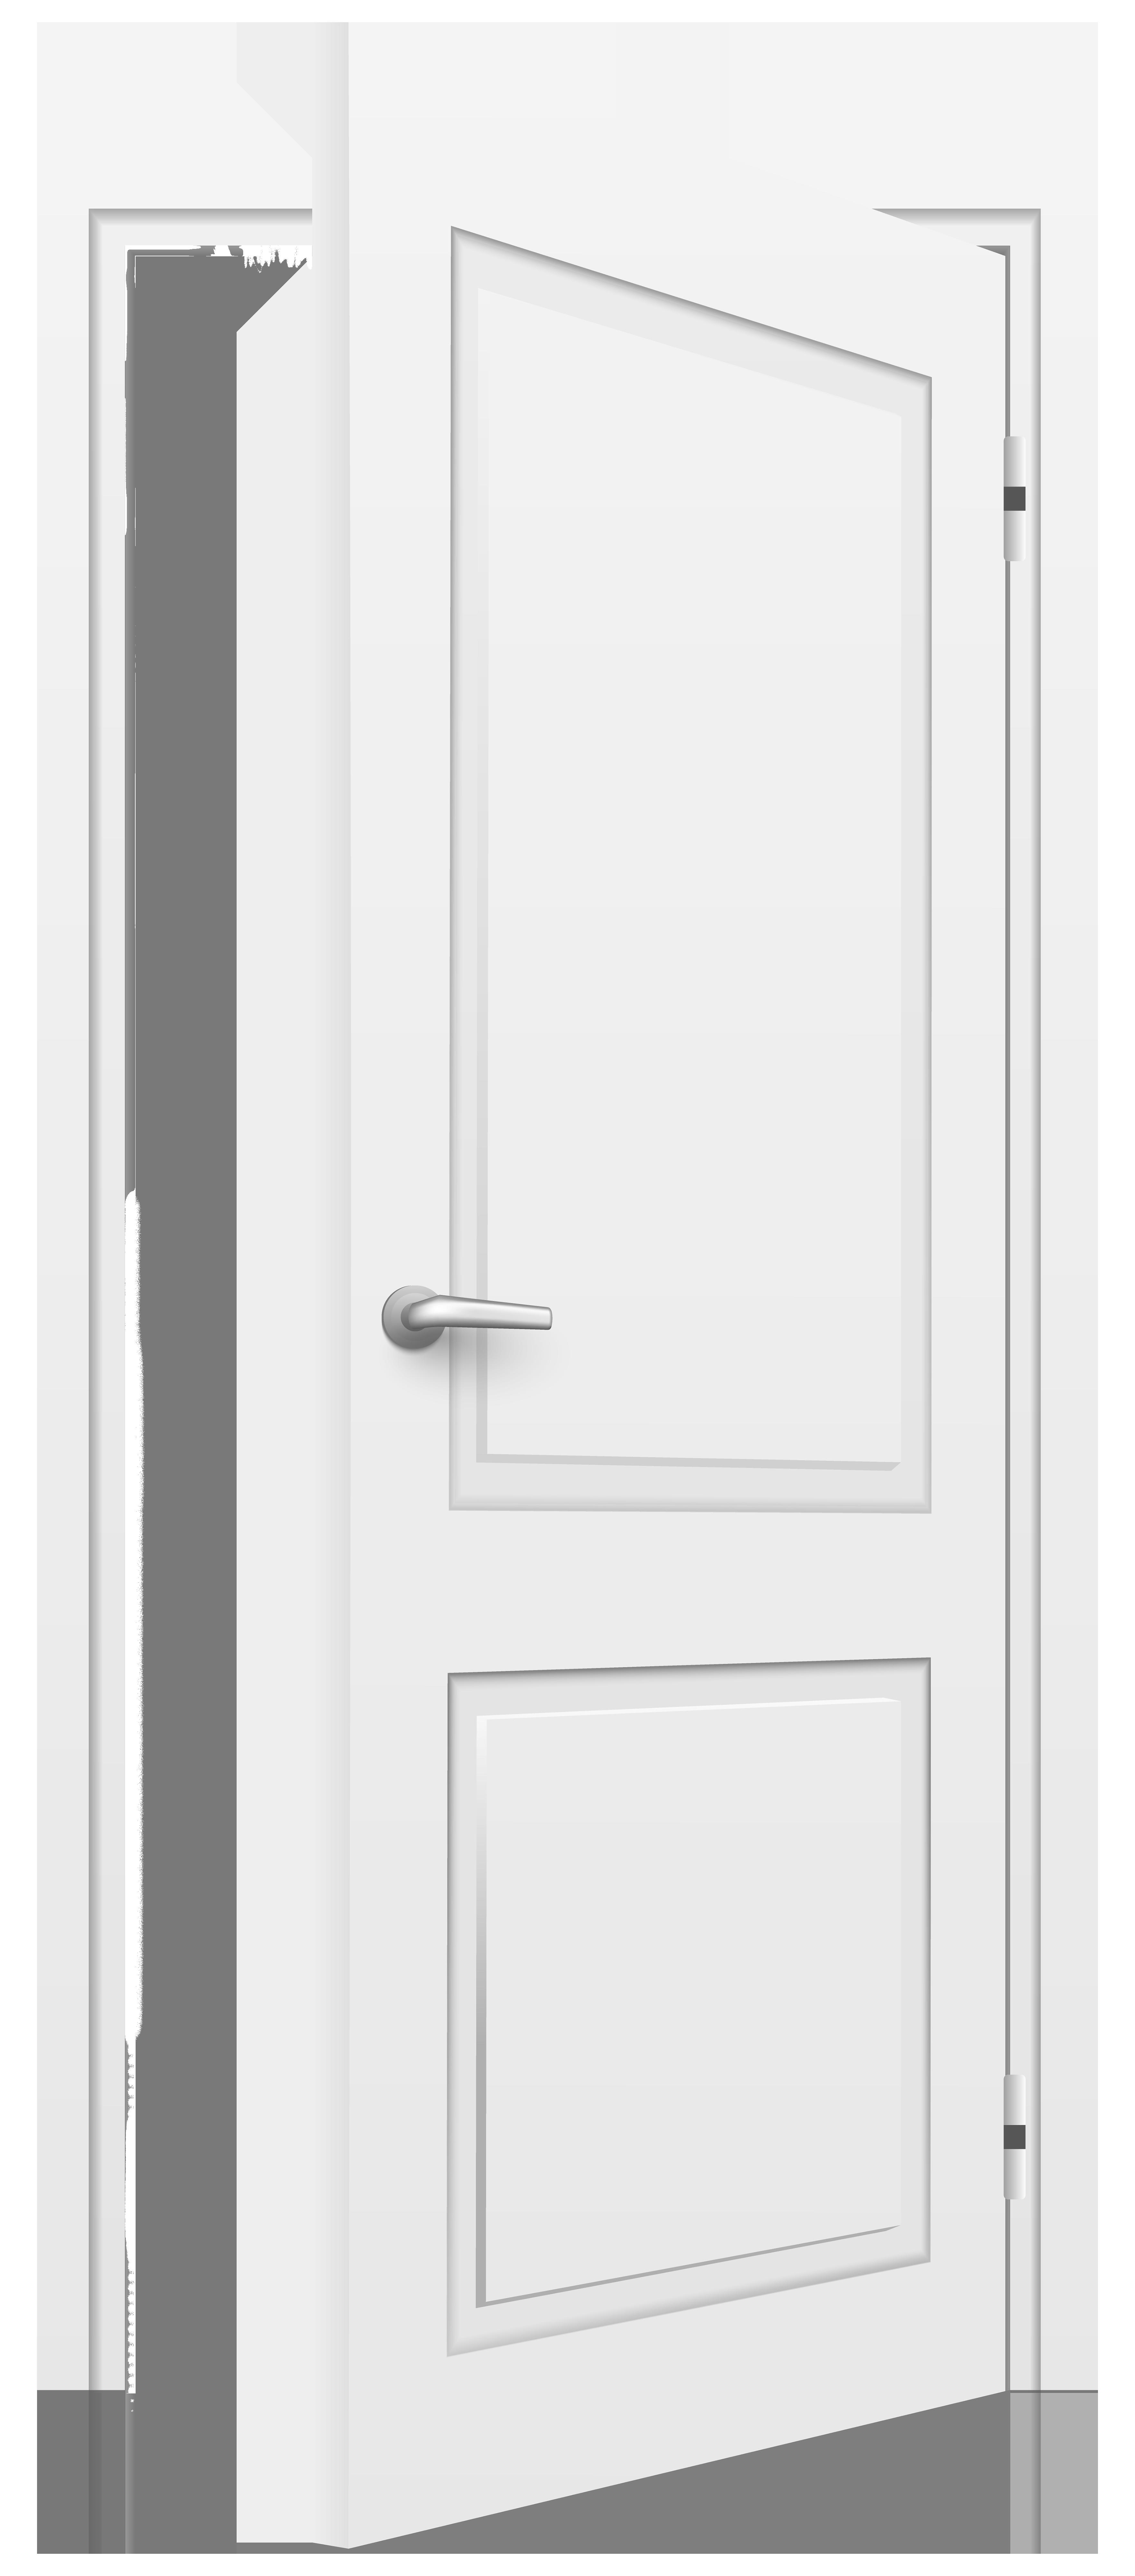 Open door white png. Clipart car handle